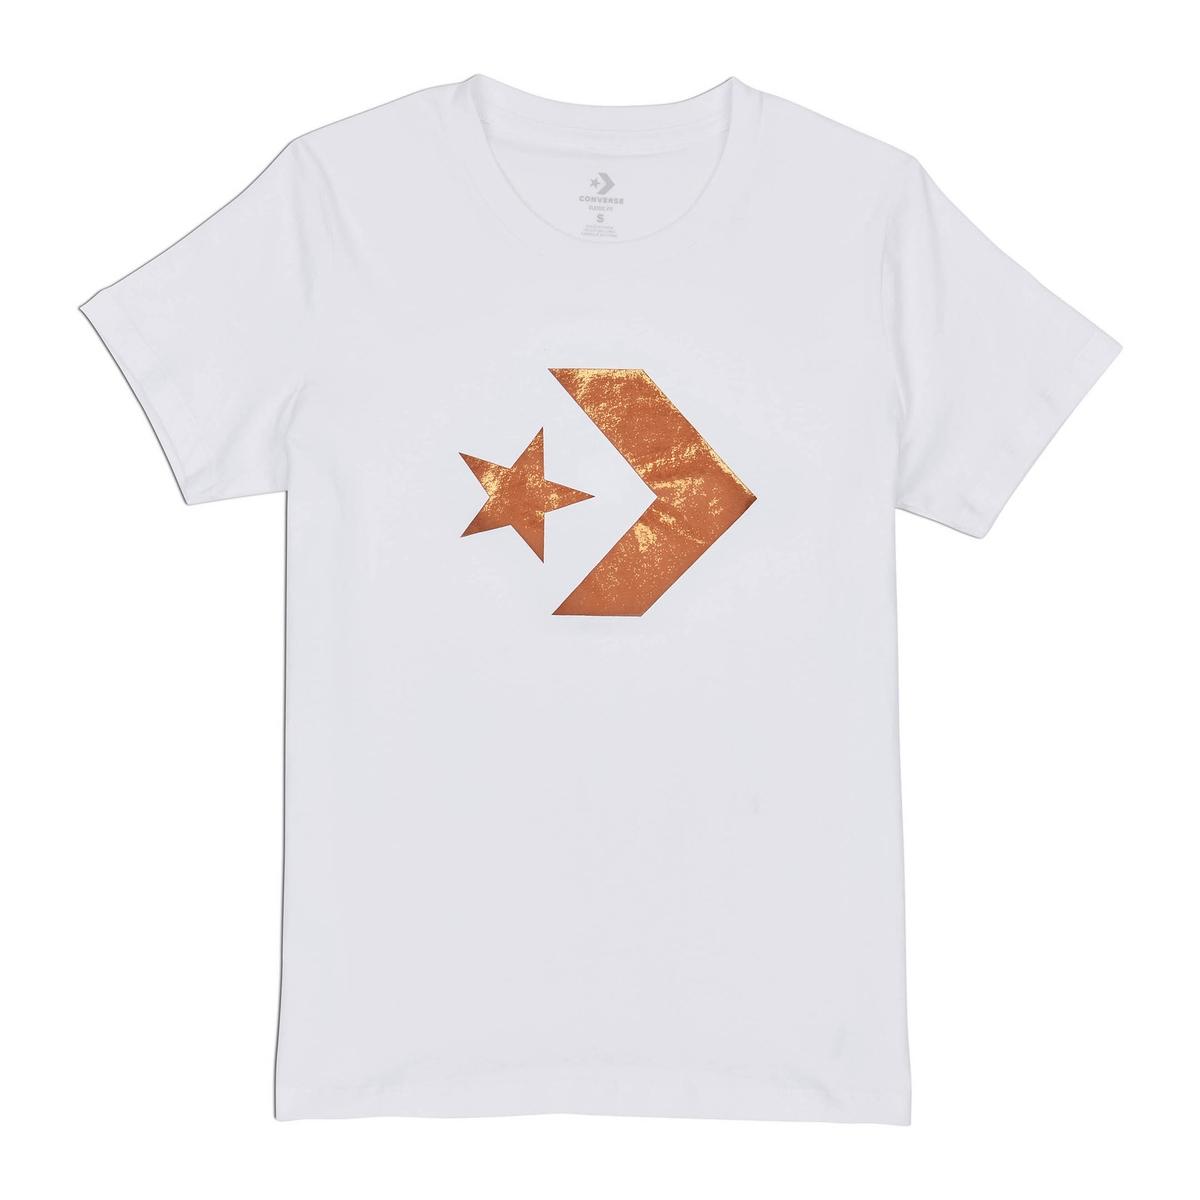 Camiseta con cuello redondo y estampado delante, de manga corta